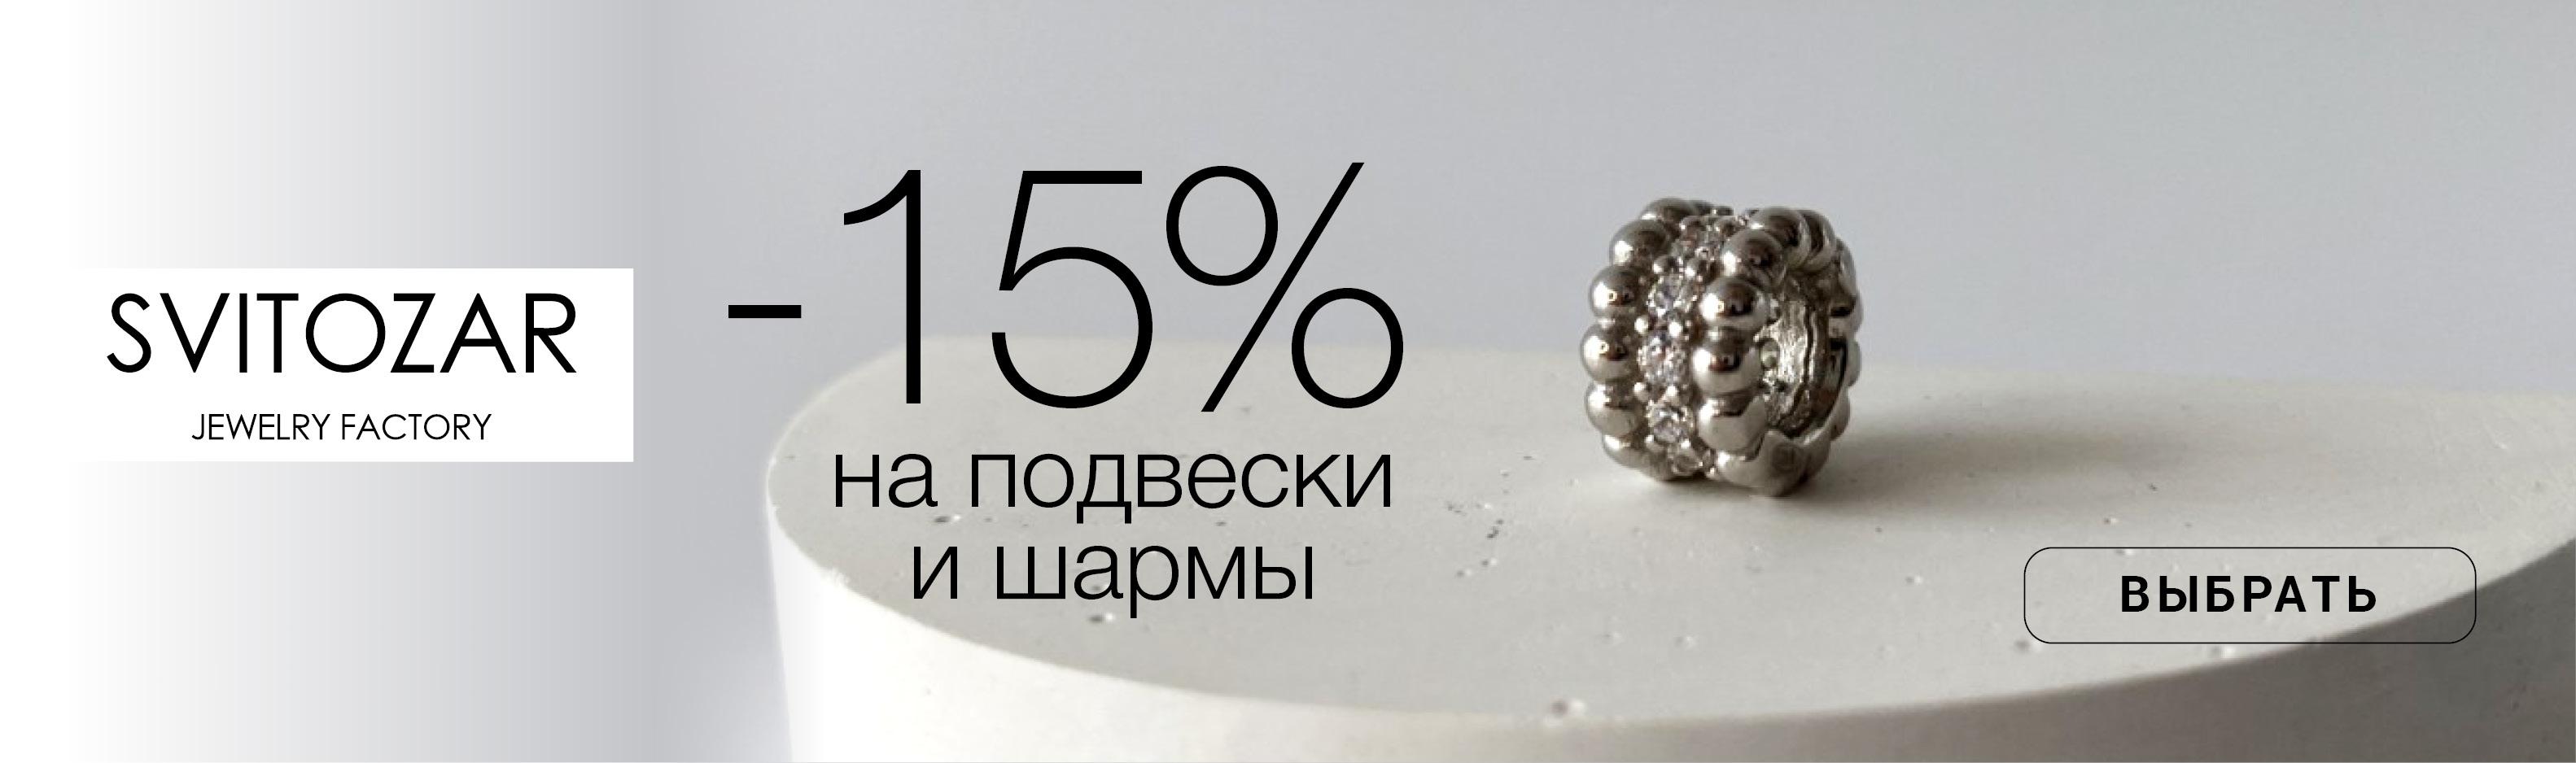 Акція на шарми і підвіски 15%